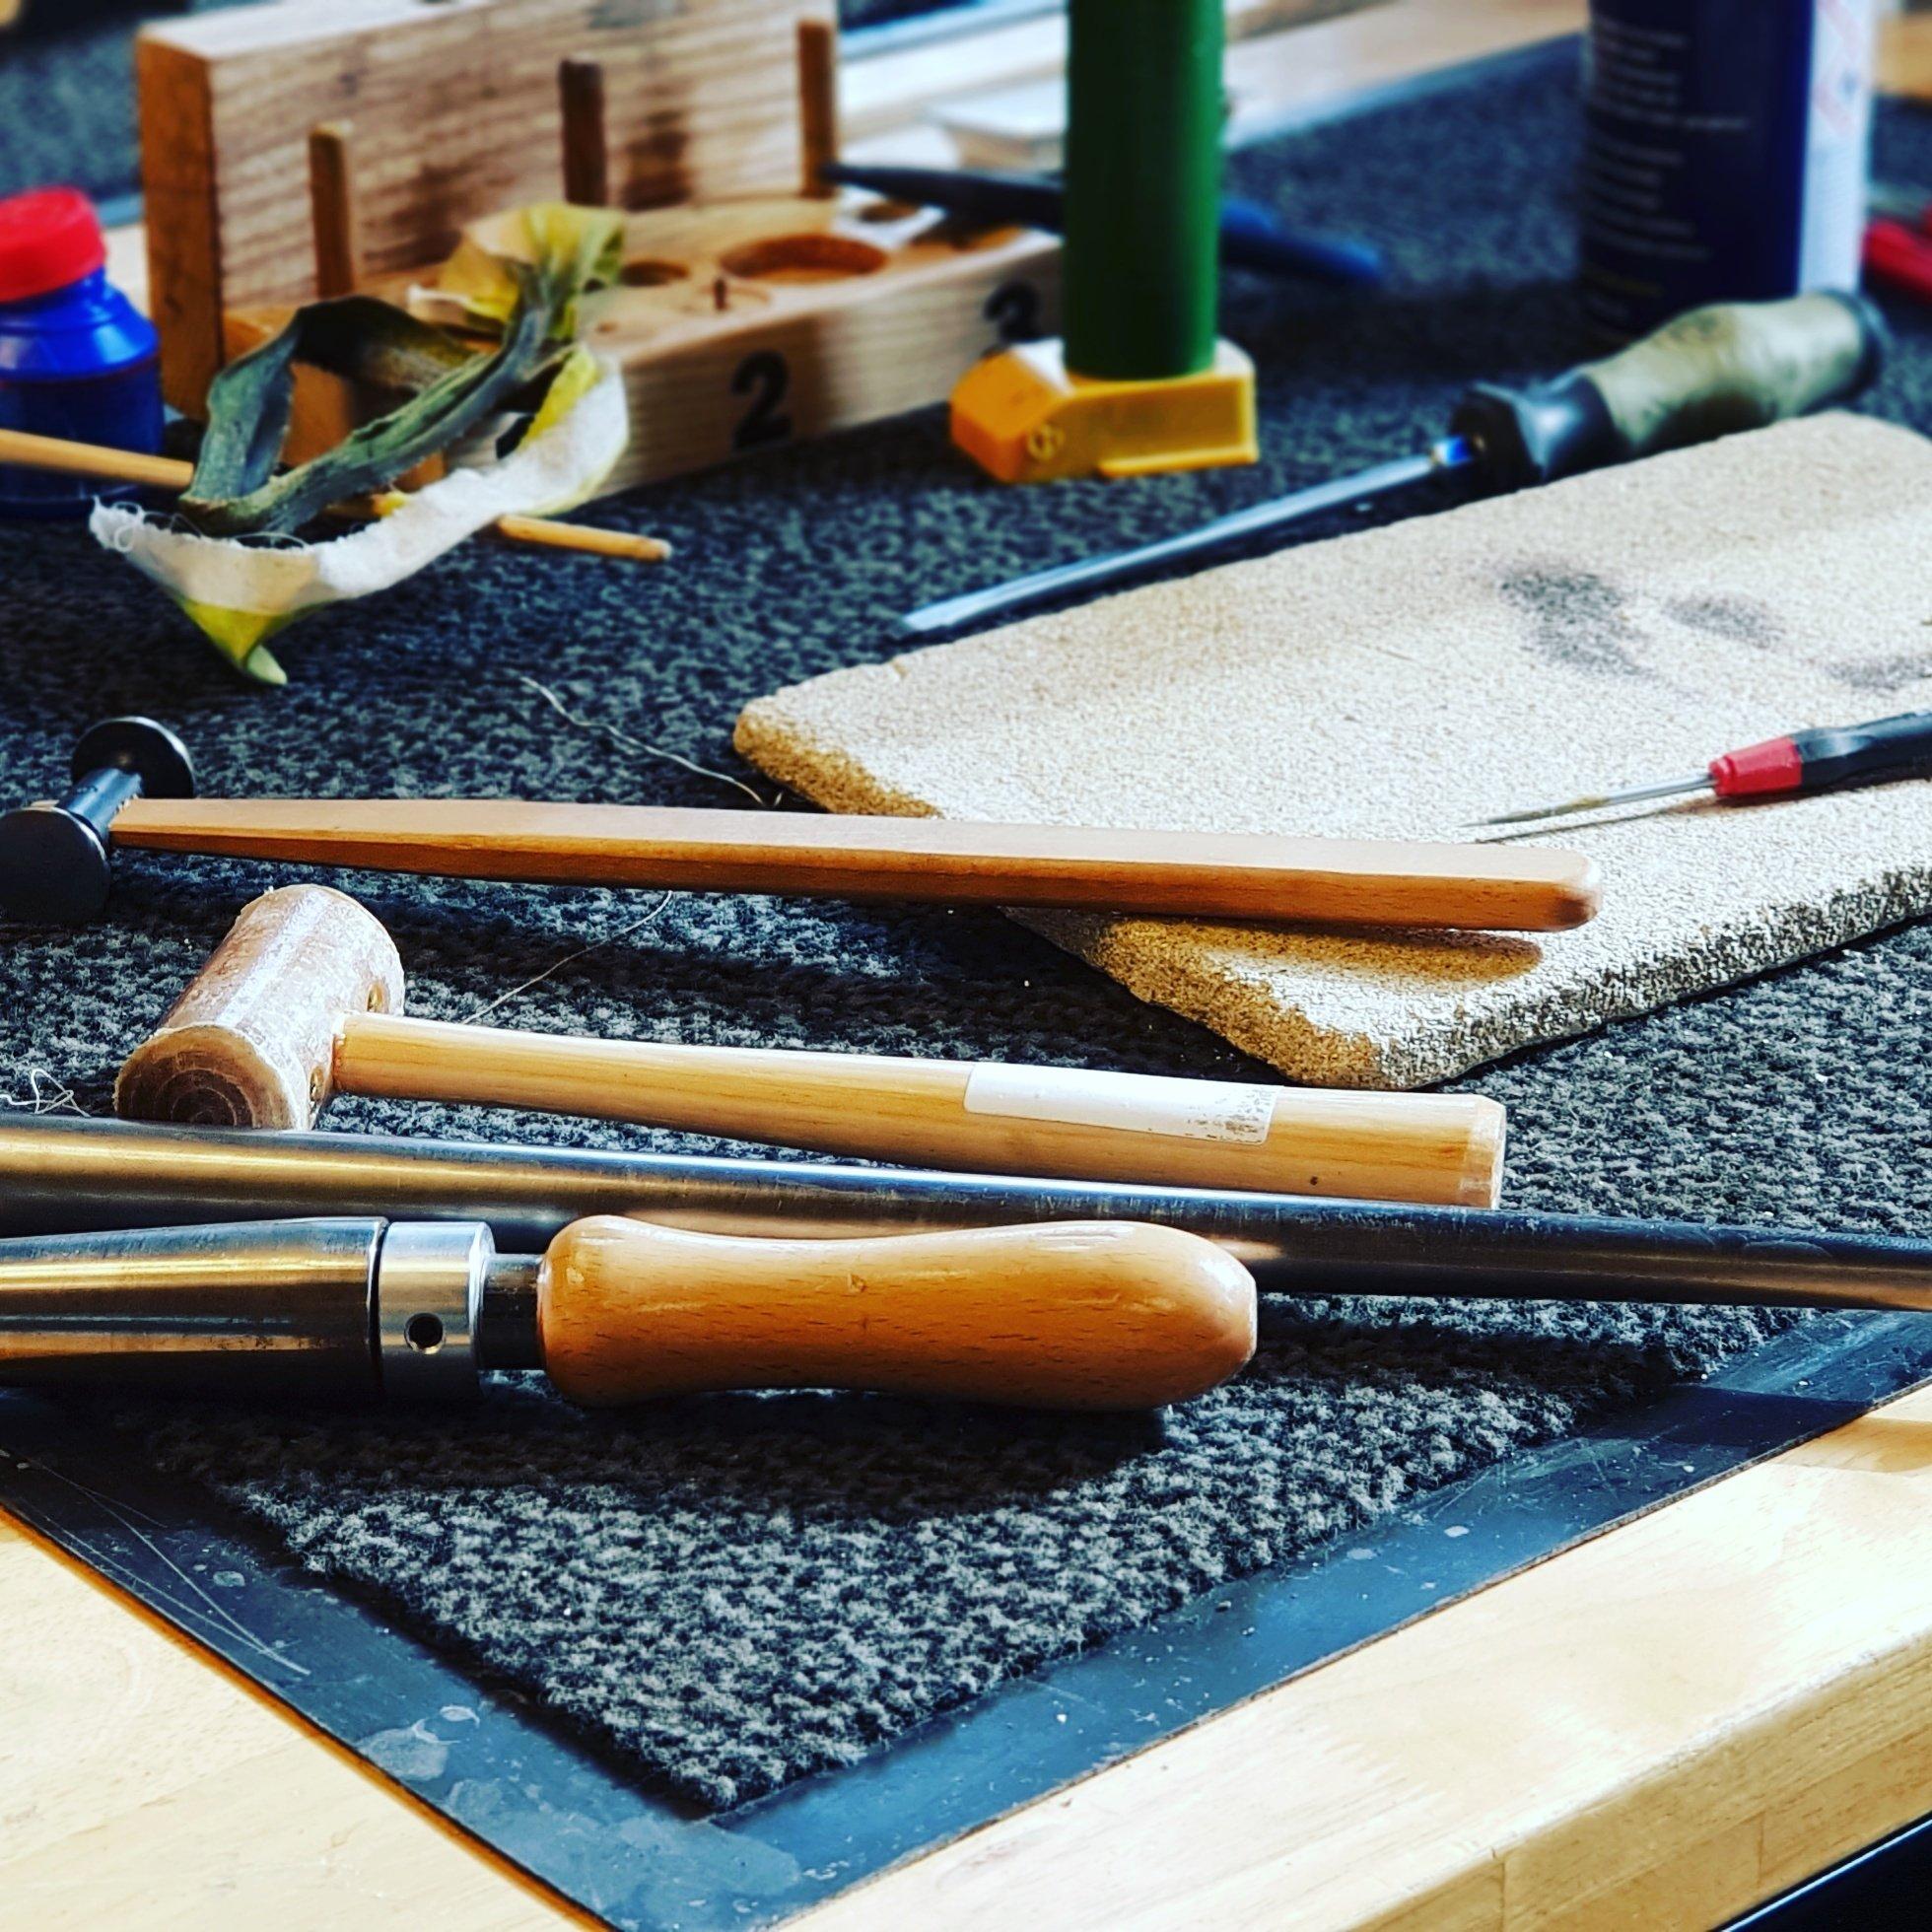 trompet reparatie koper koperblaas instrumenten revisie onderhoudsbeurt onderhoud